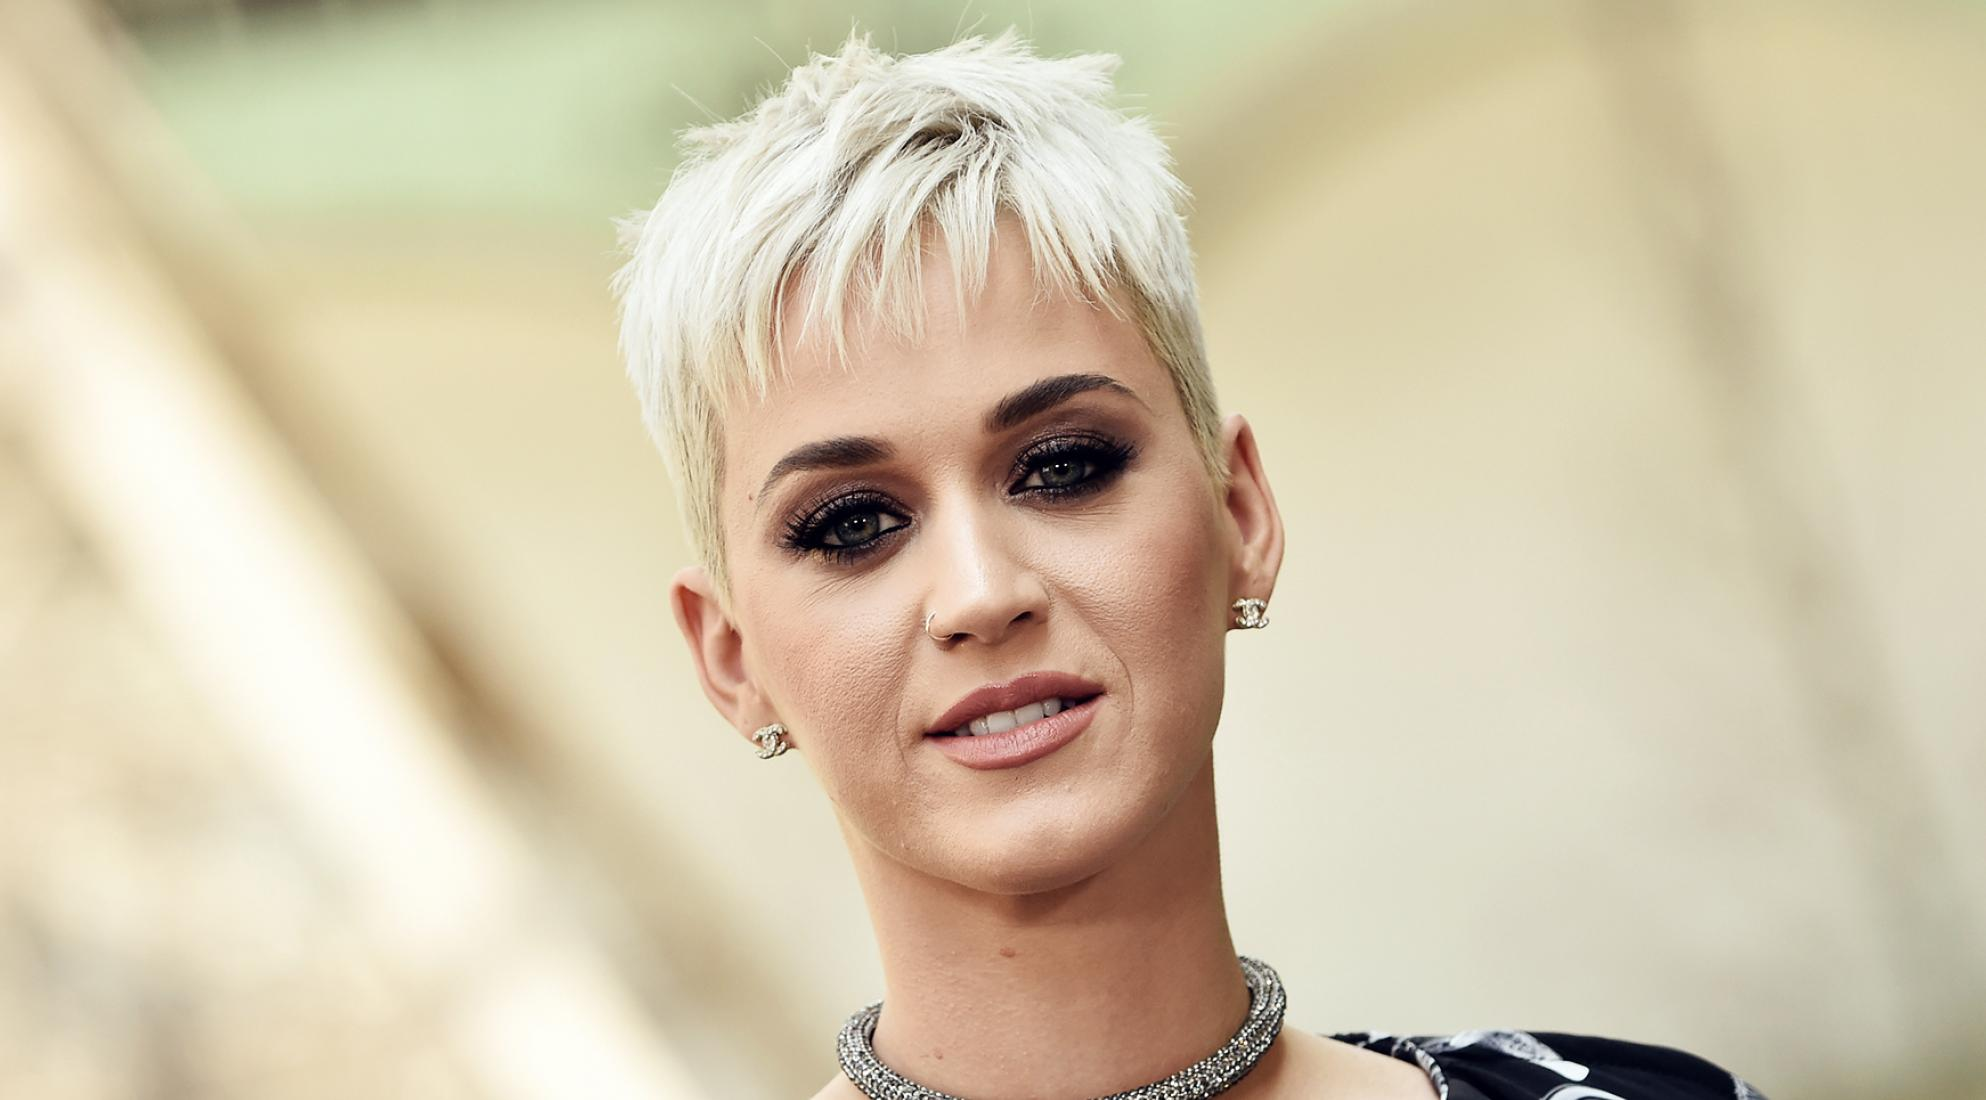 Captan en vídeo a Katy Perry regañando a su equipo